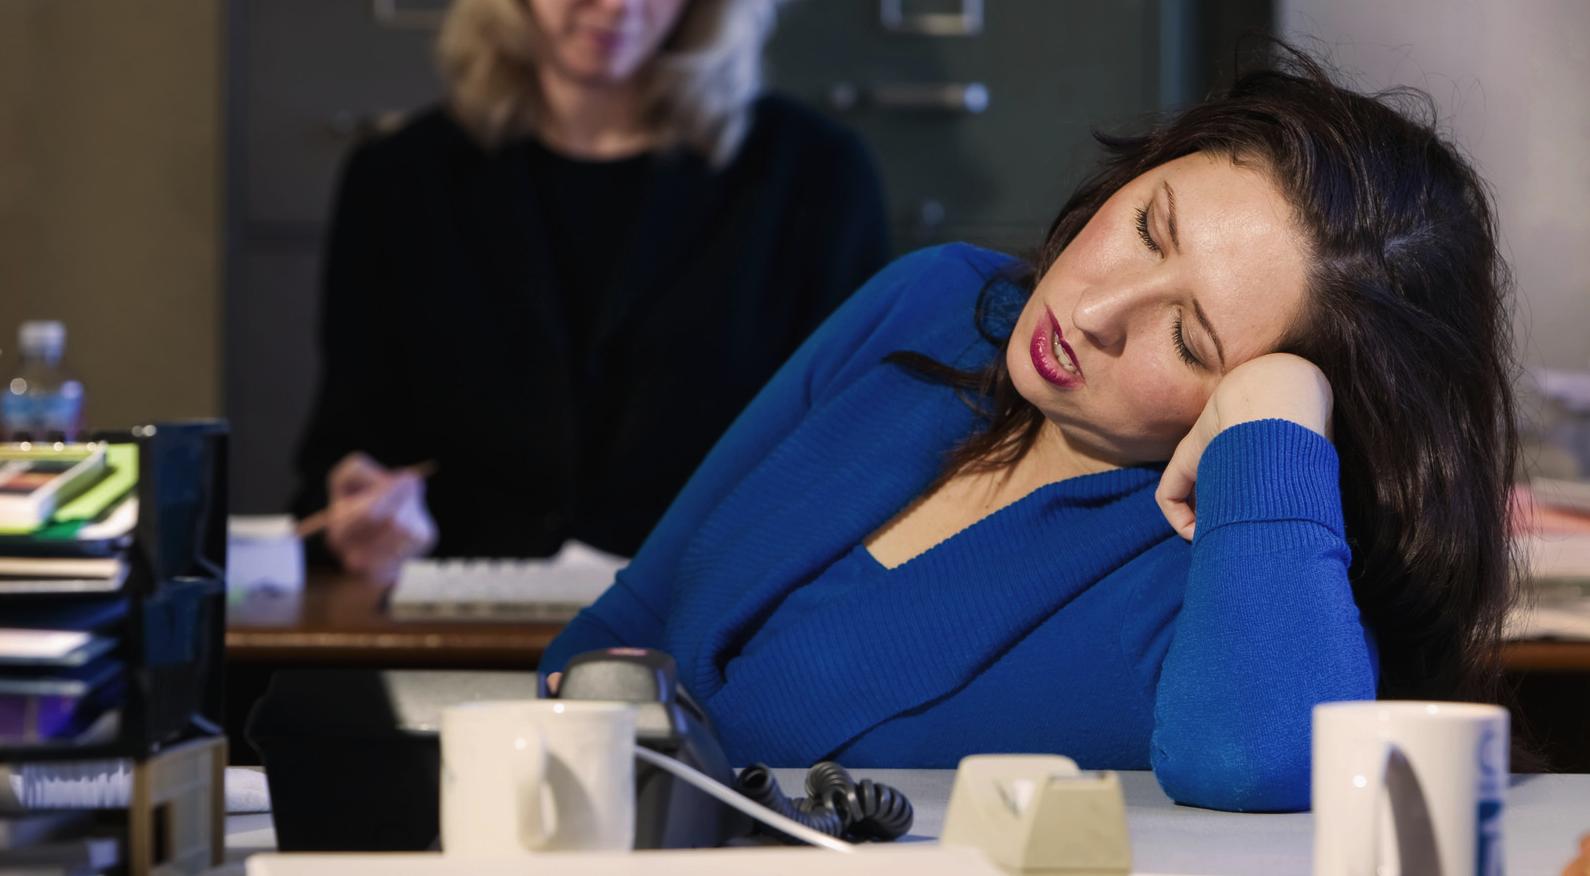 falling asleep at work